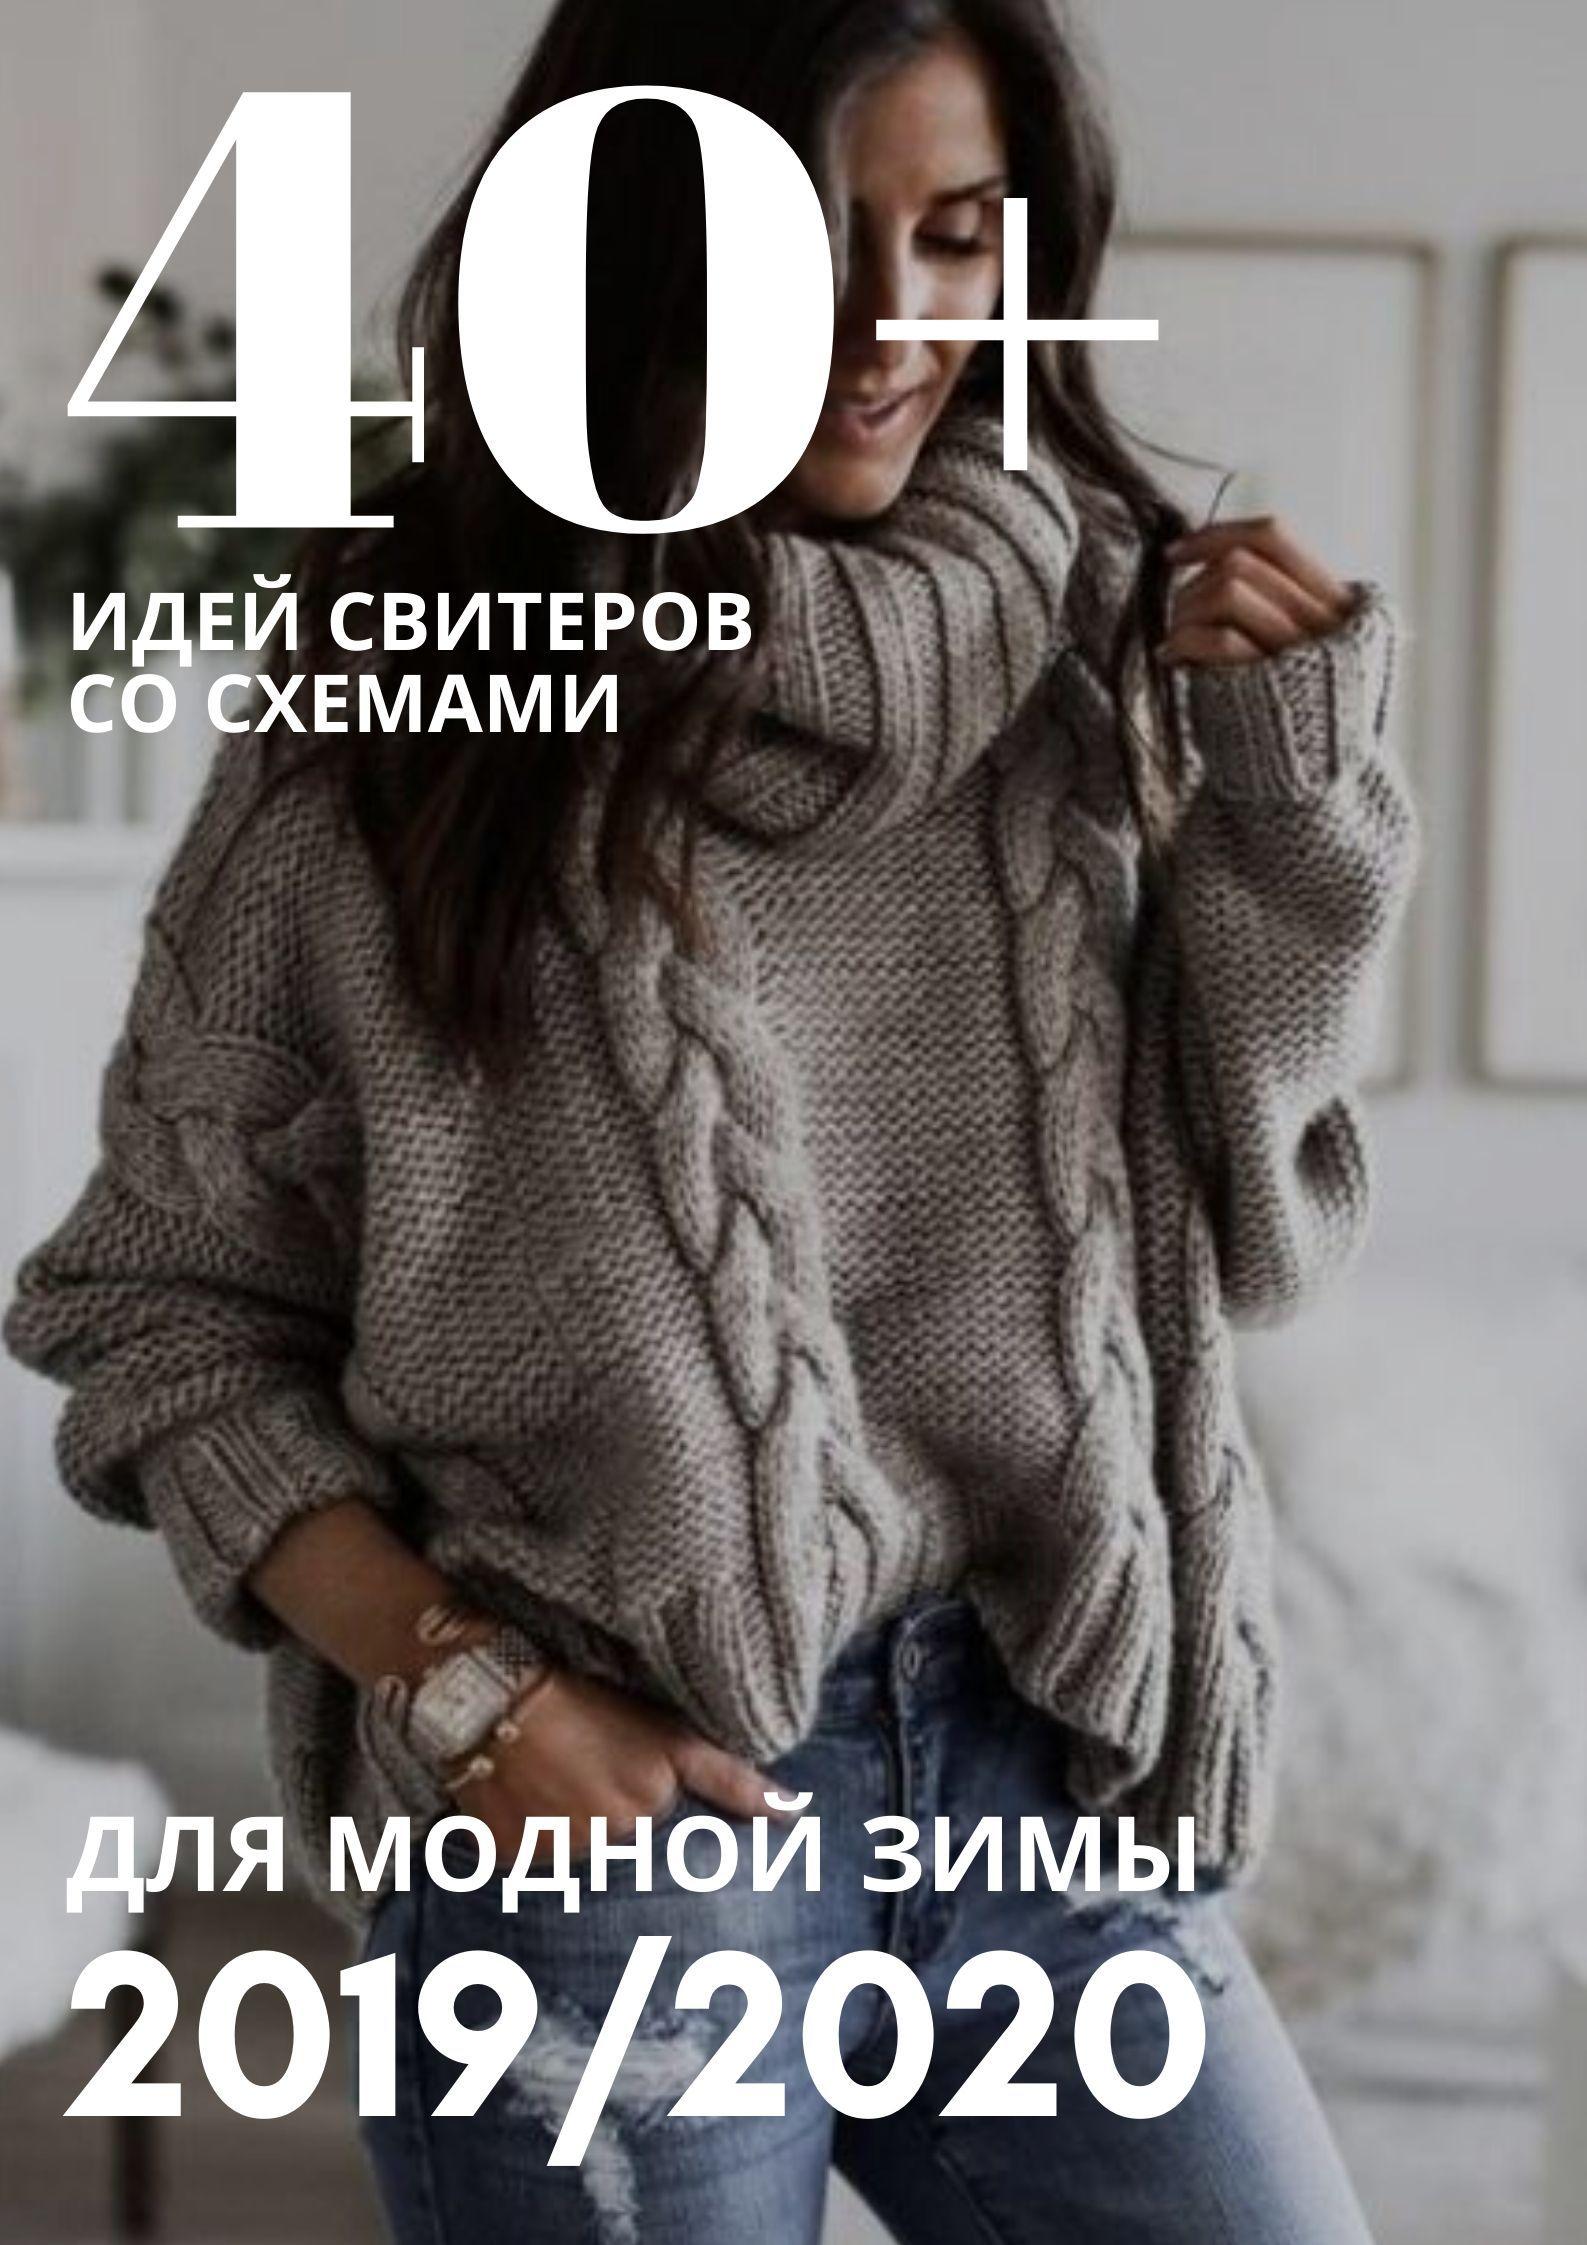 Модели свитеров ручной вязки женские спицами с описанием работы работа в красноярске девушкам